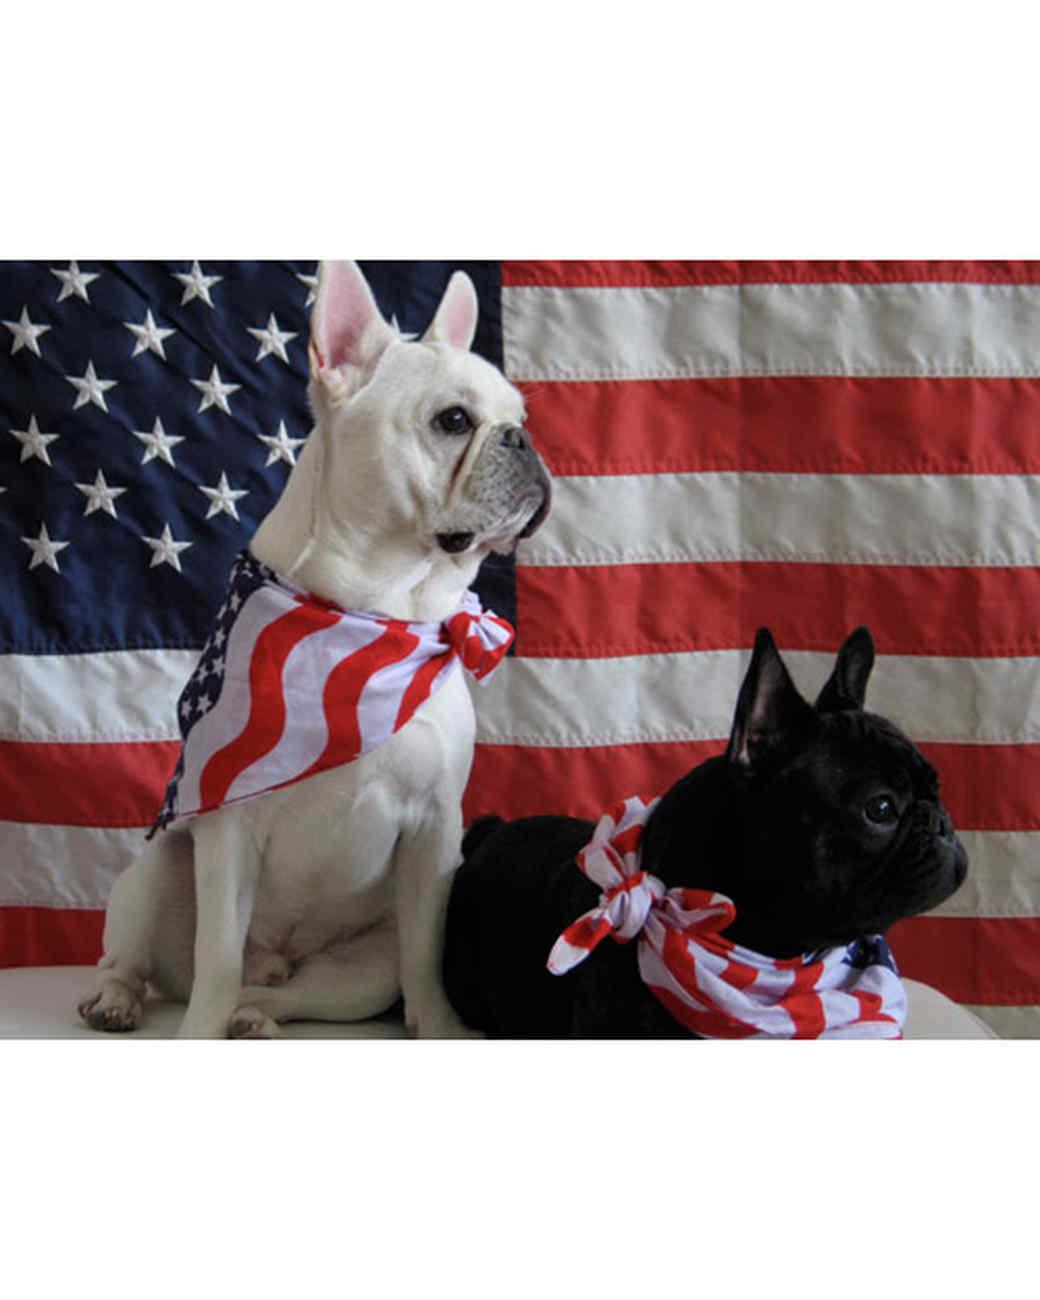 p_patriotic_10_9362530_11976005.jpg